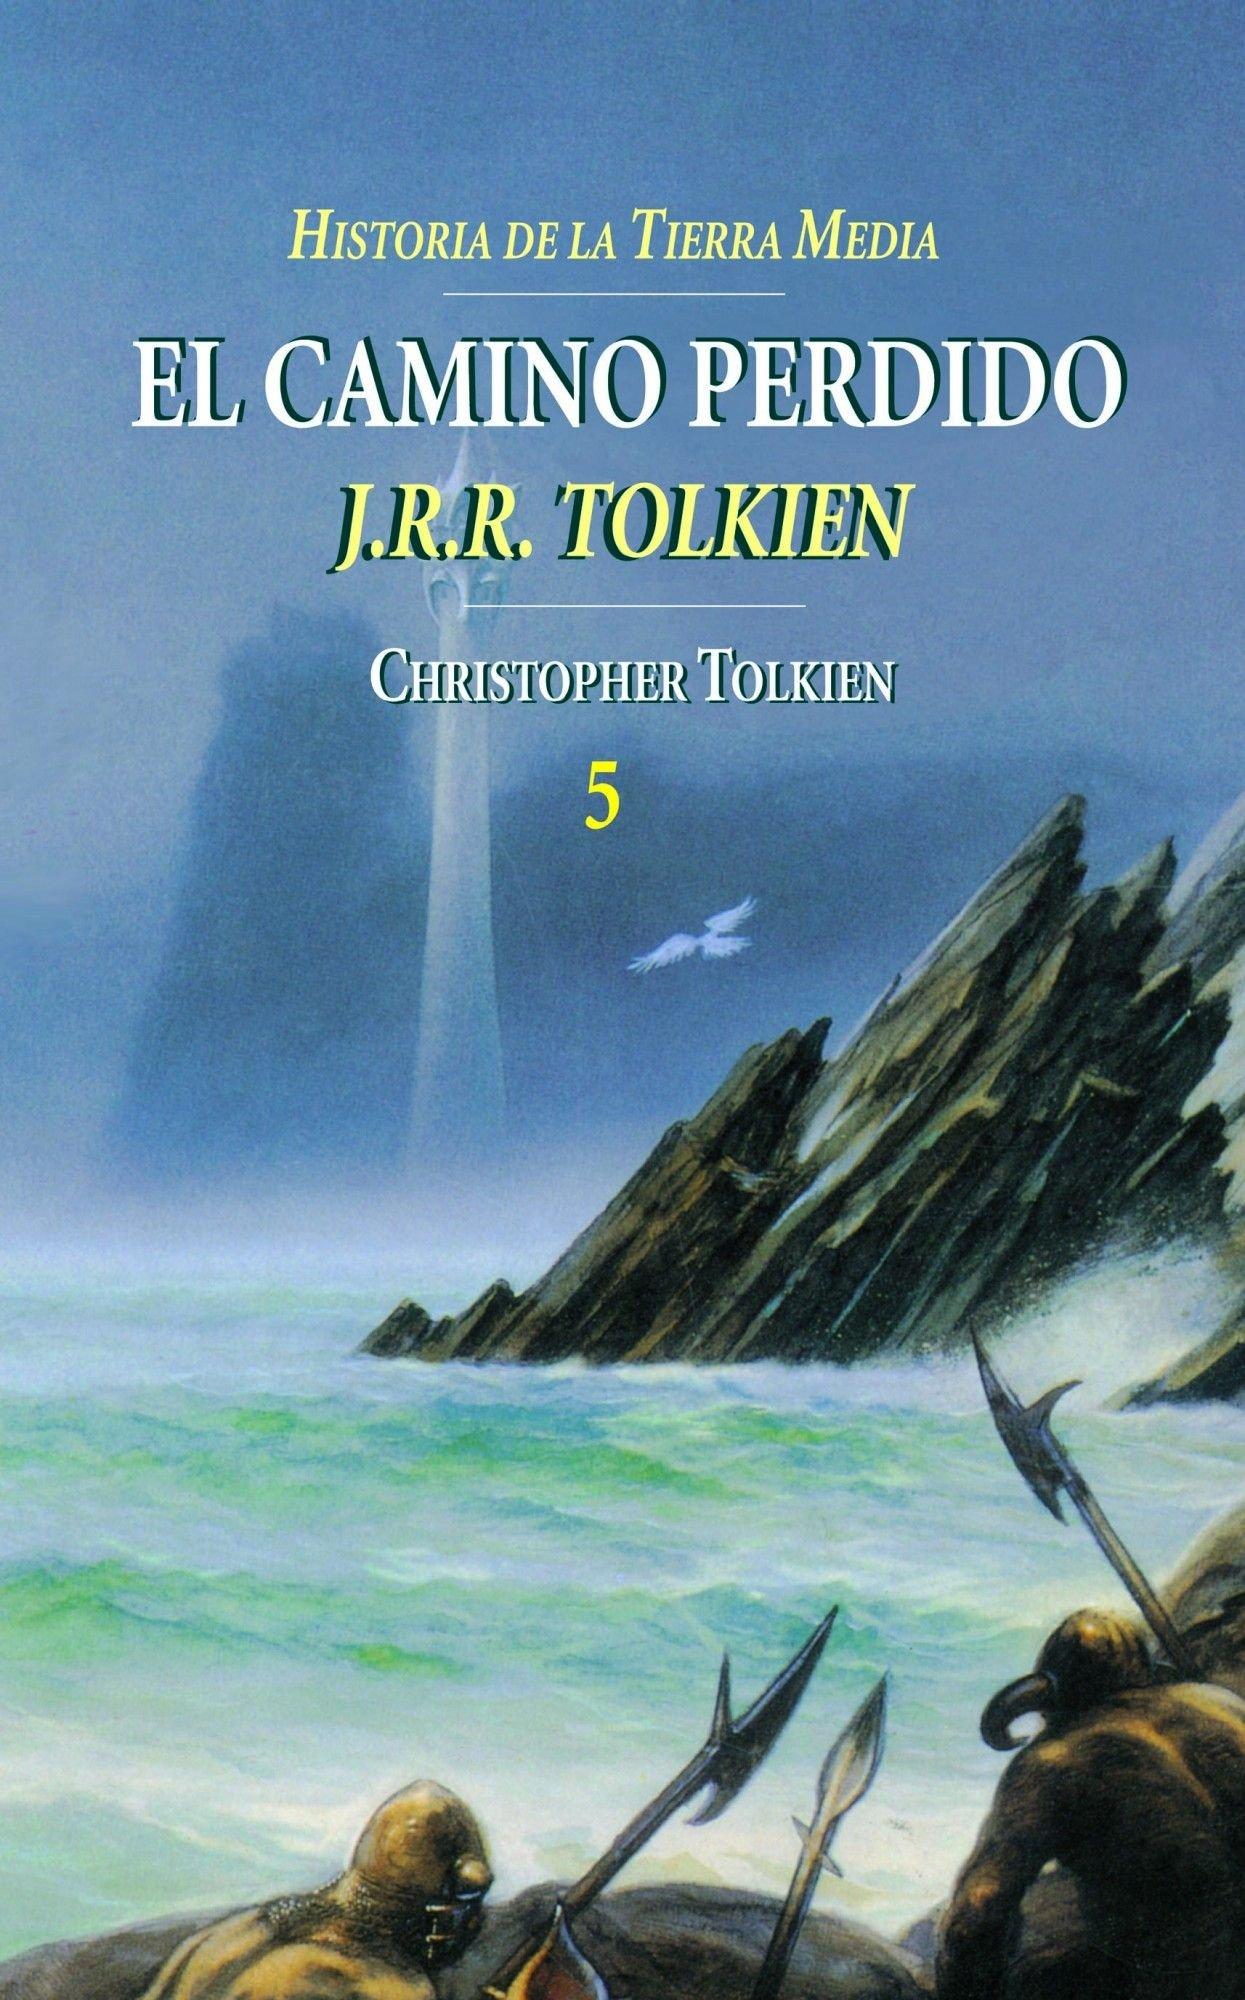 Historia de la Tierra Media nº 05/09 El Camino Perdido (Biblioteca J. R. R. Tolkien) (Spanish Edition)